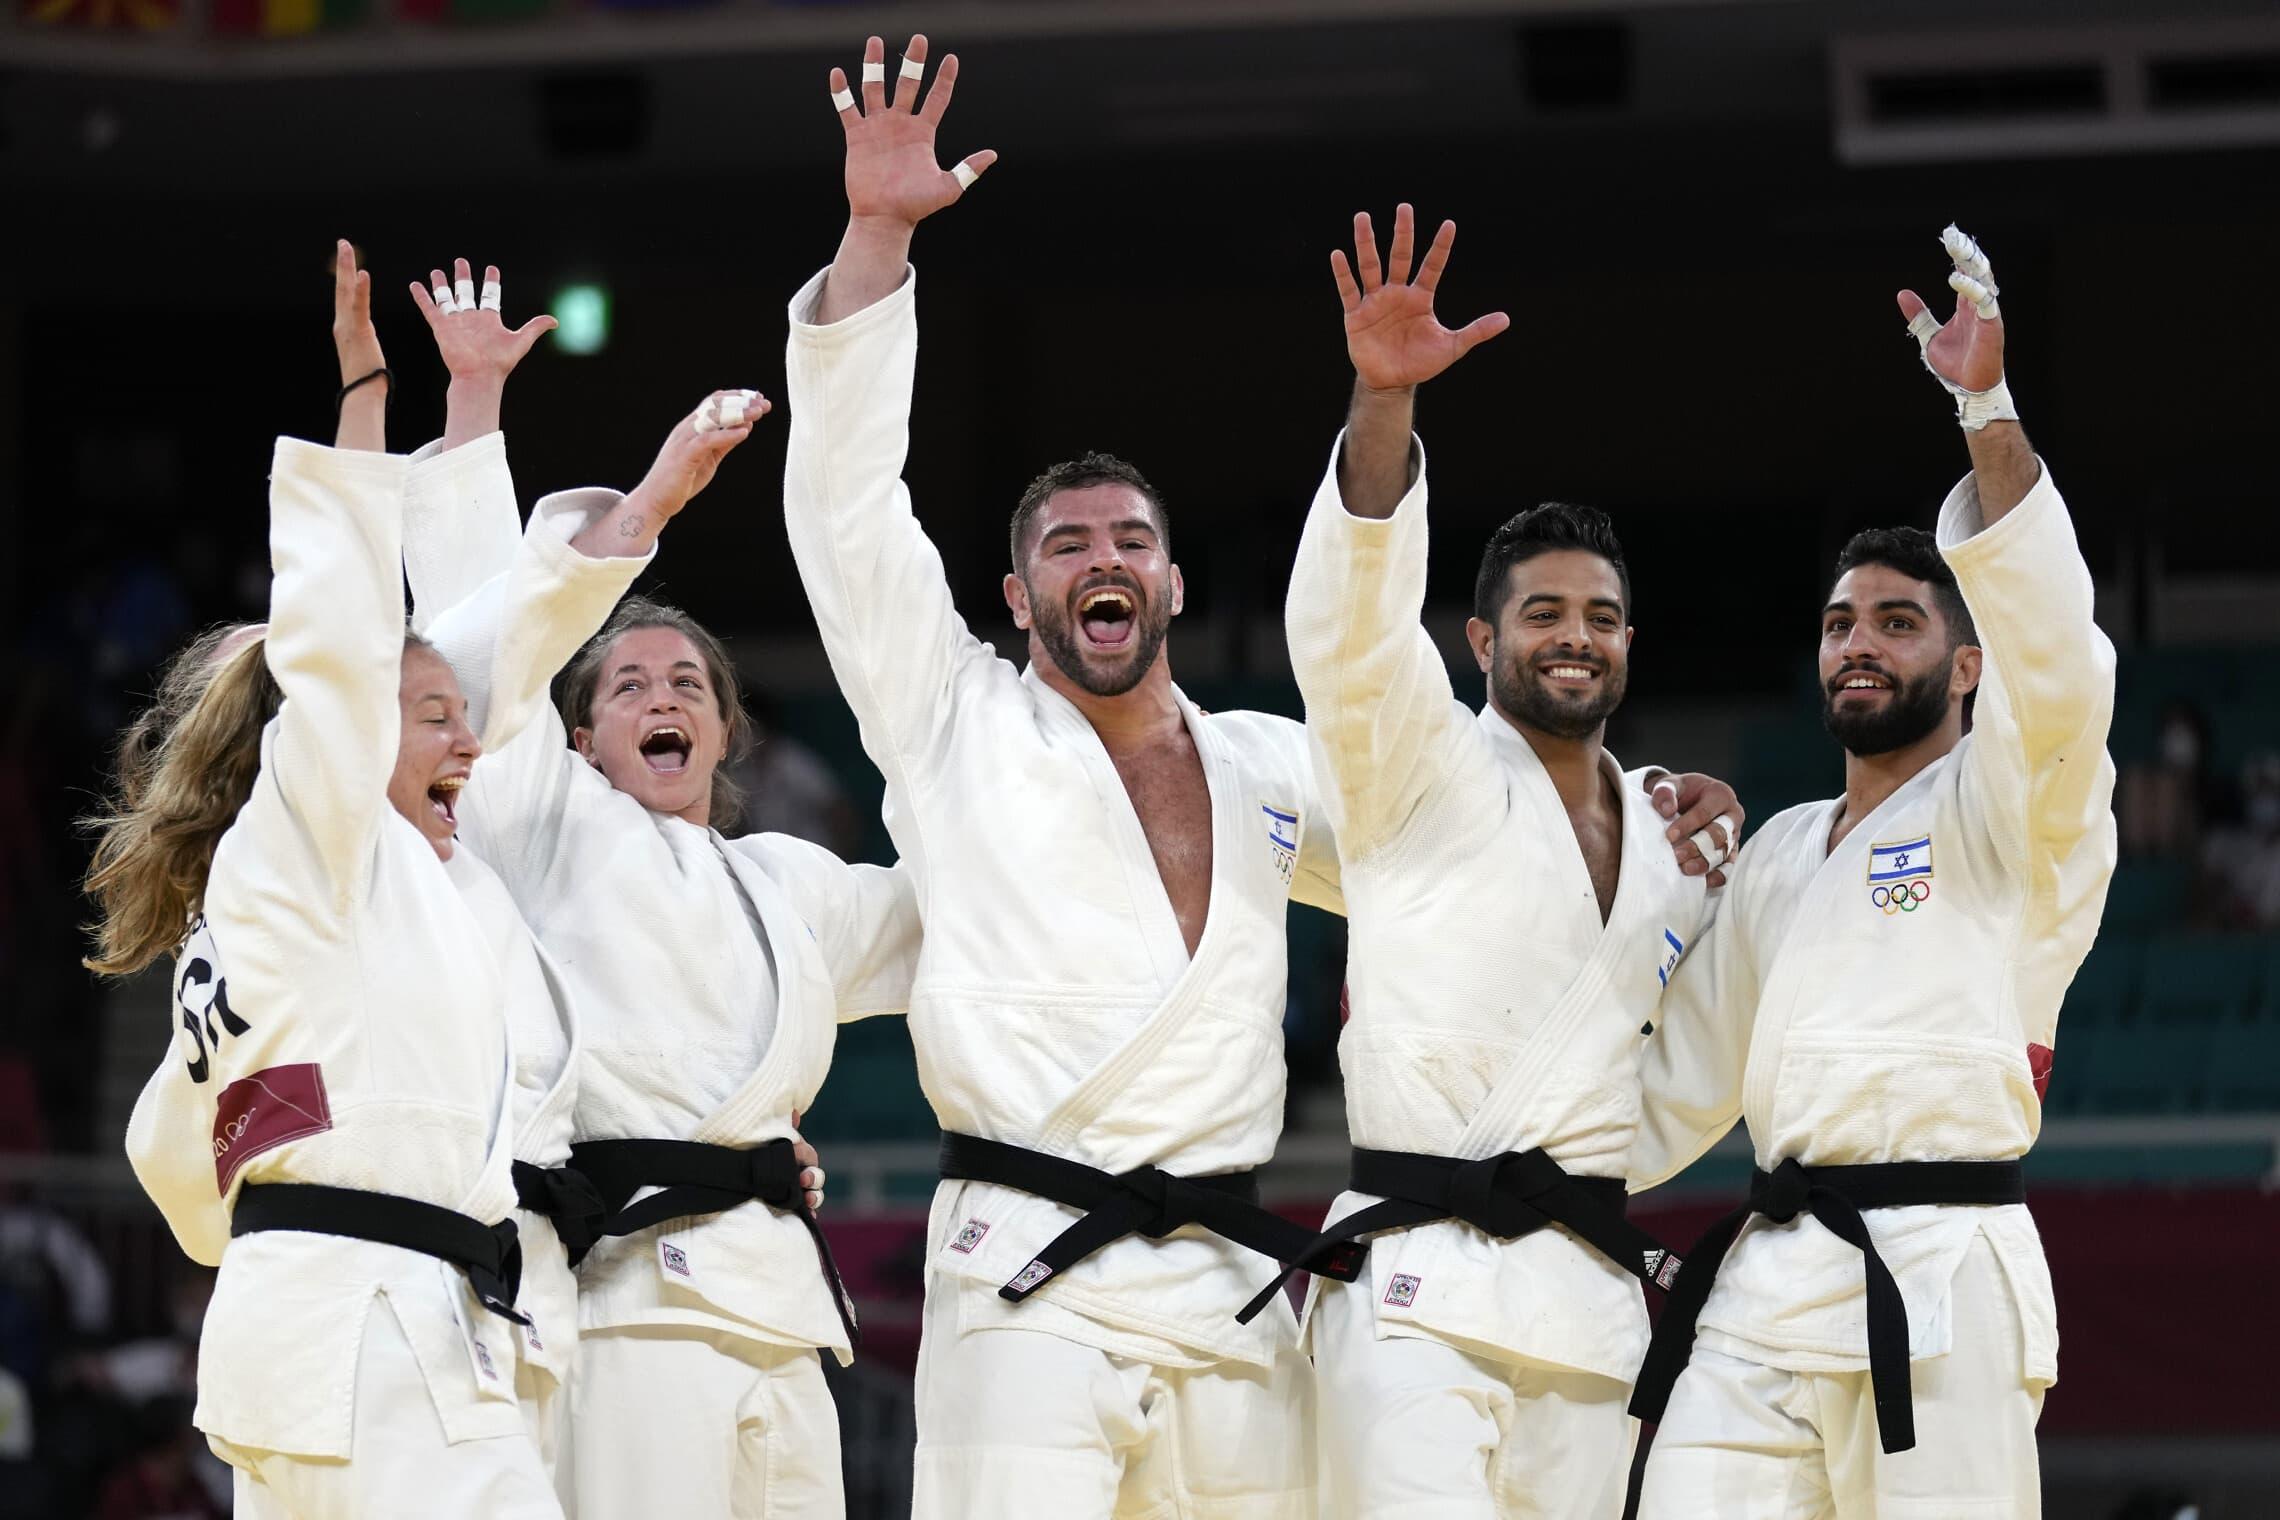 נבחרת ישראל בג'ודו זוכה במדלית ארד באולימפיאדת טוקיו, 31 ביולי 2021 (צילום: AP Photo/Vincent Thian)